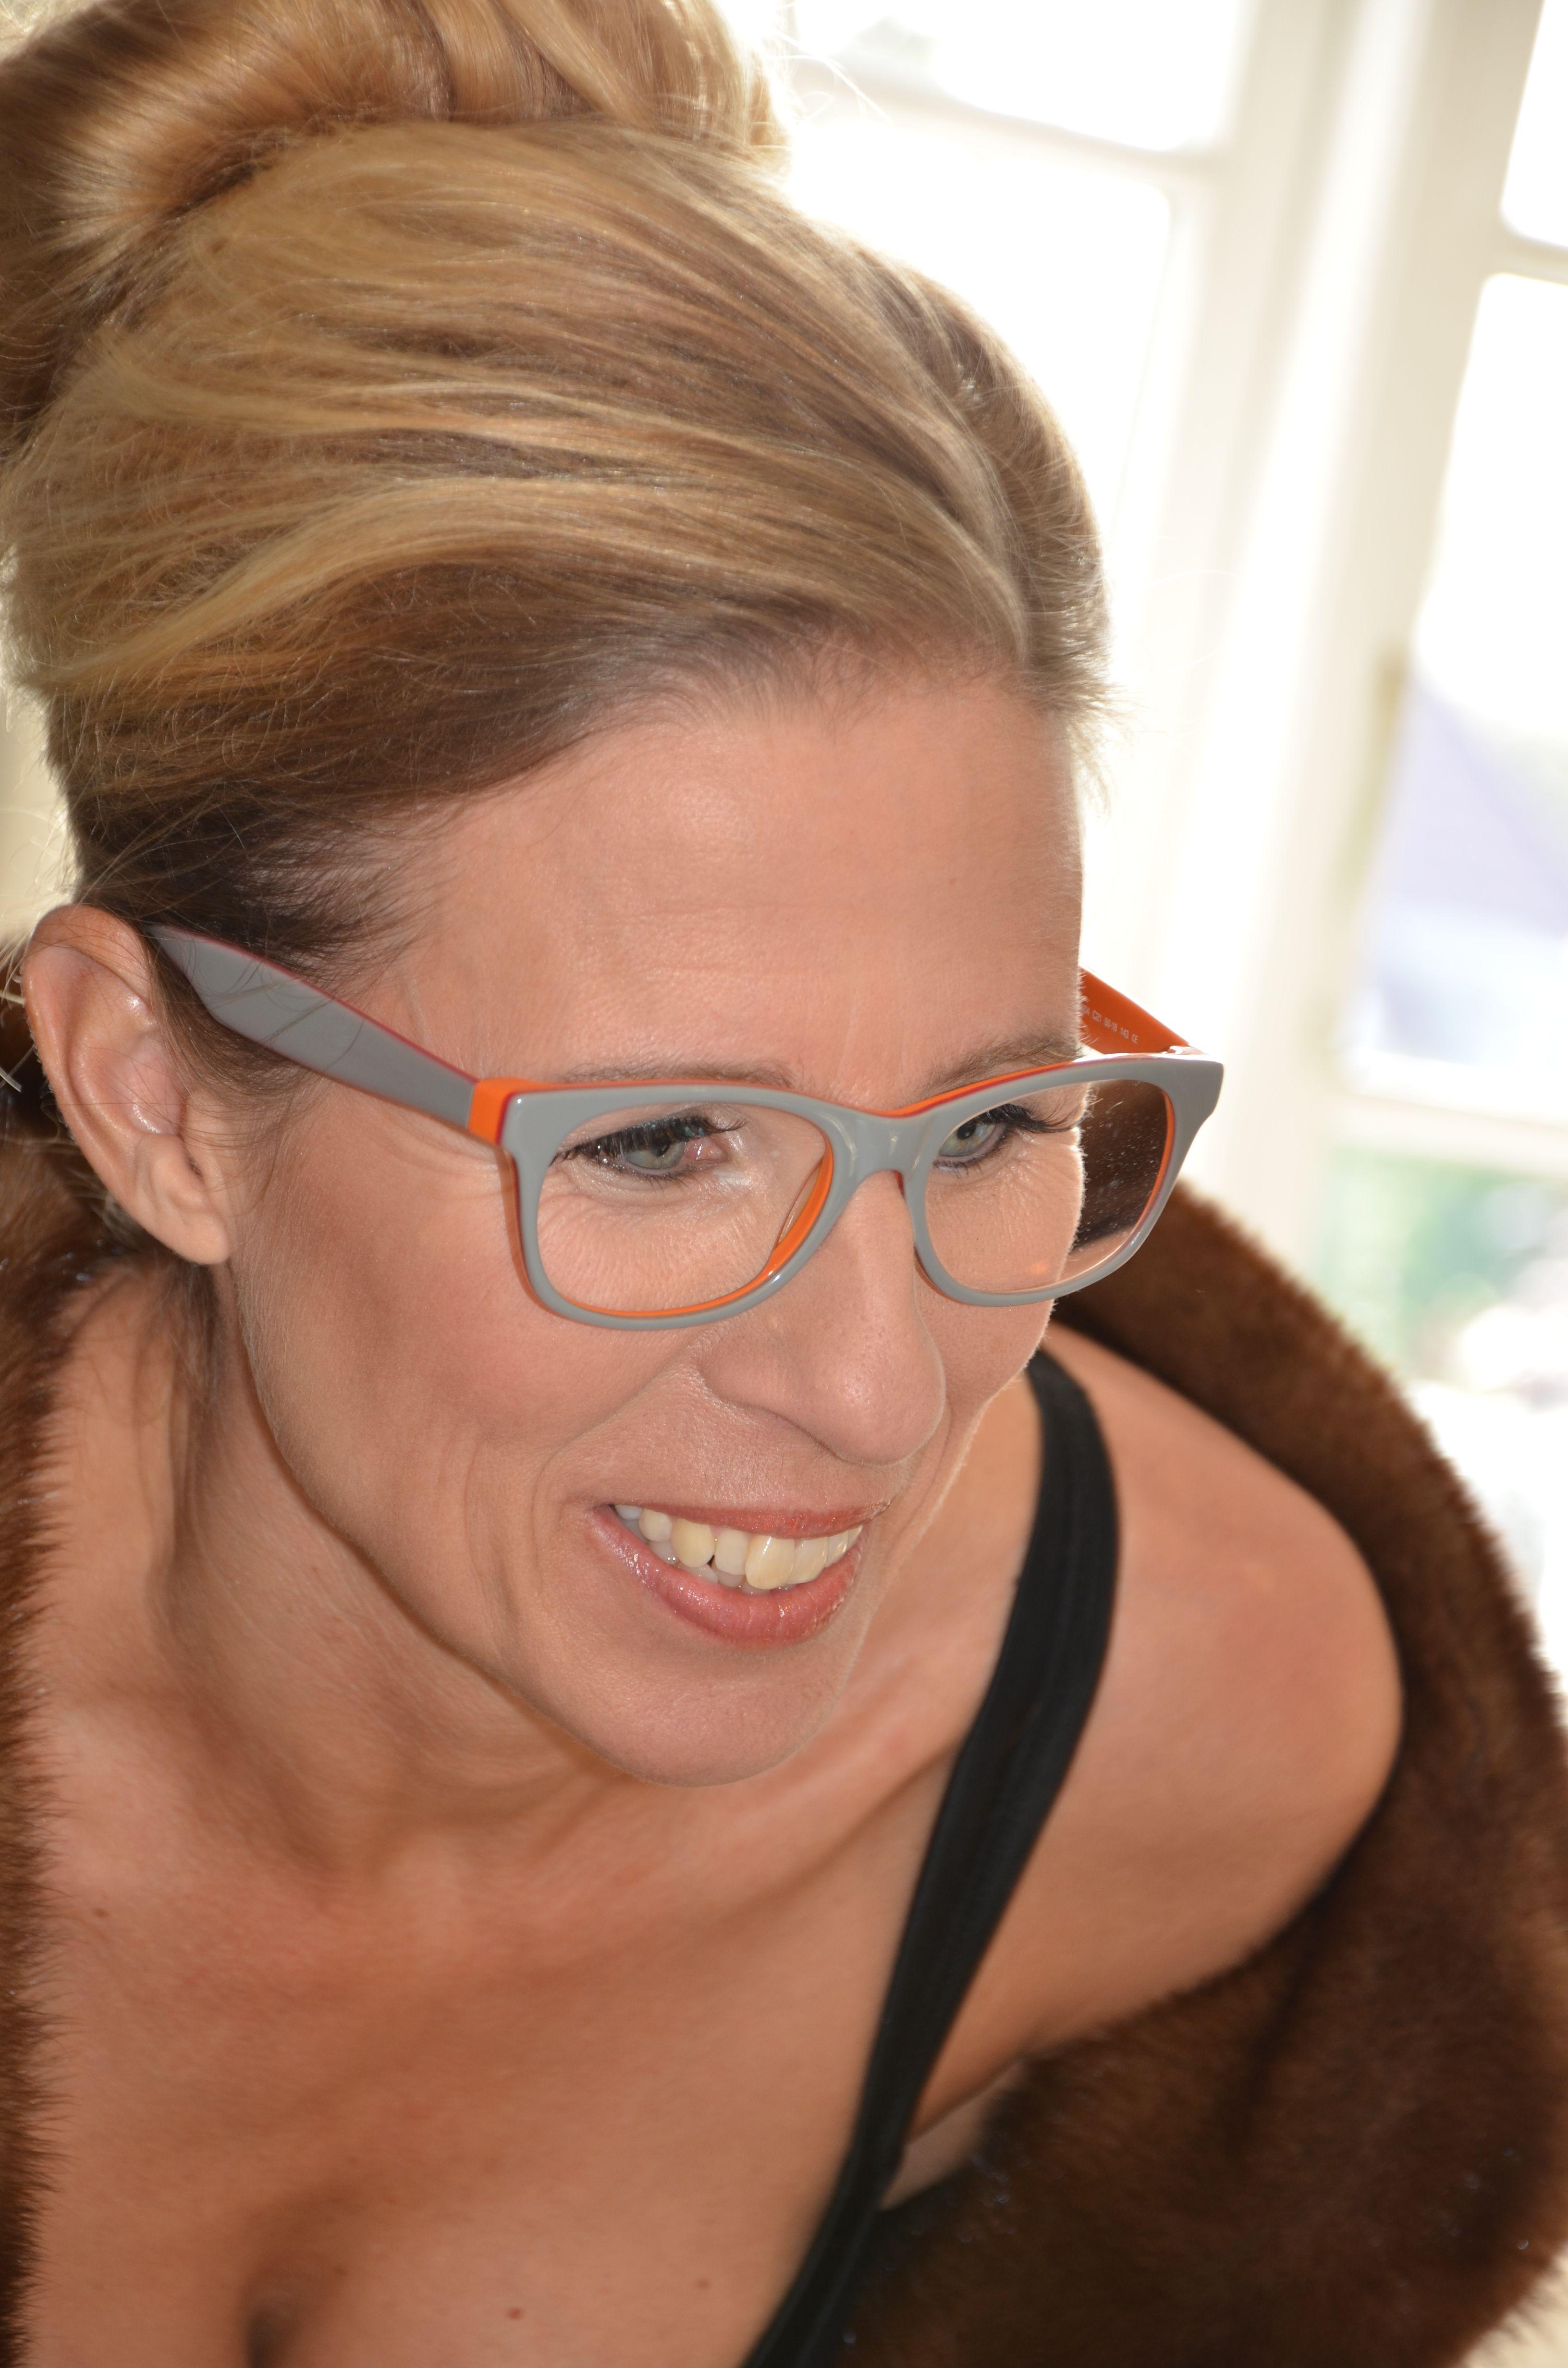 Fredensborg Briller - Anja Møller  6fec3be86c6c4